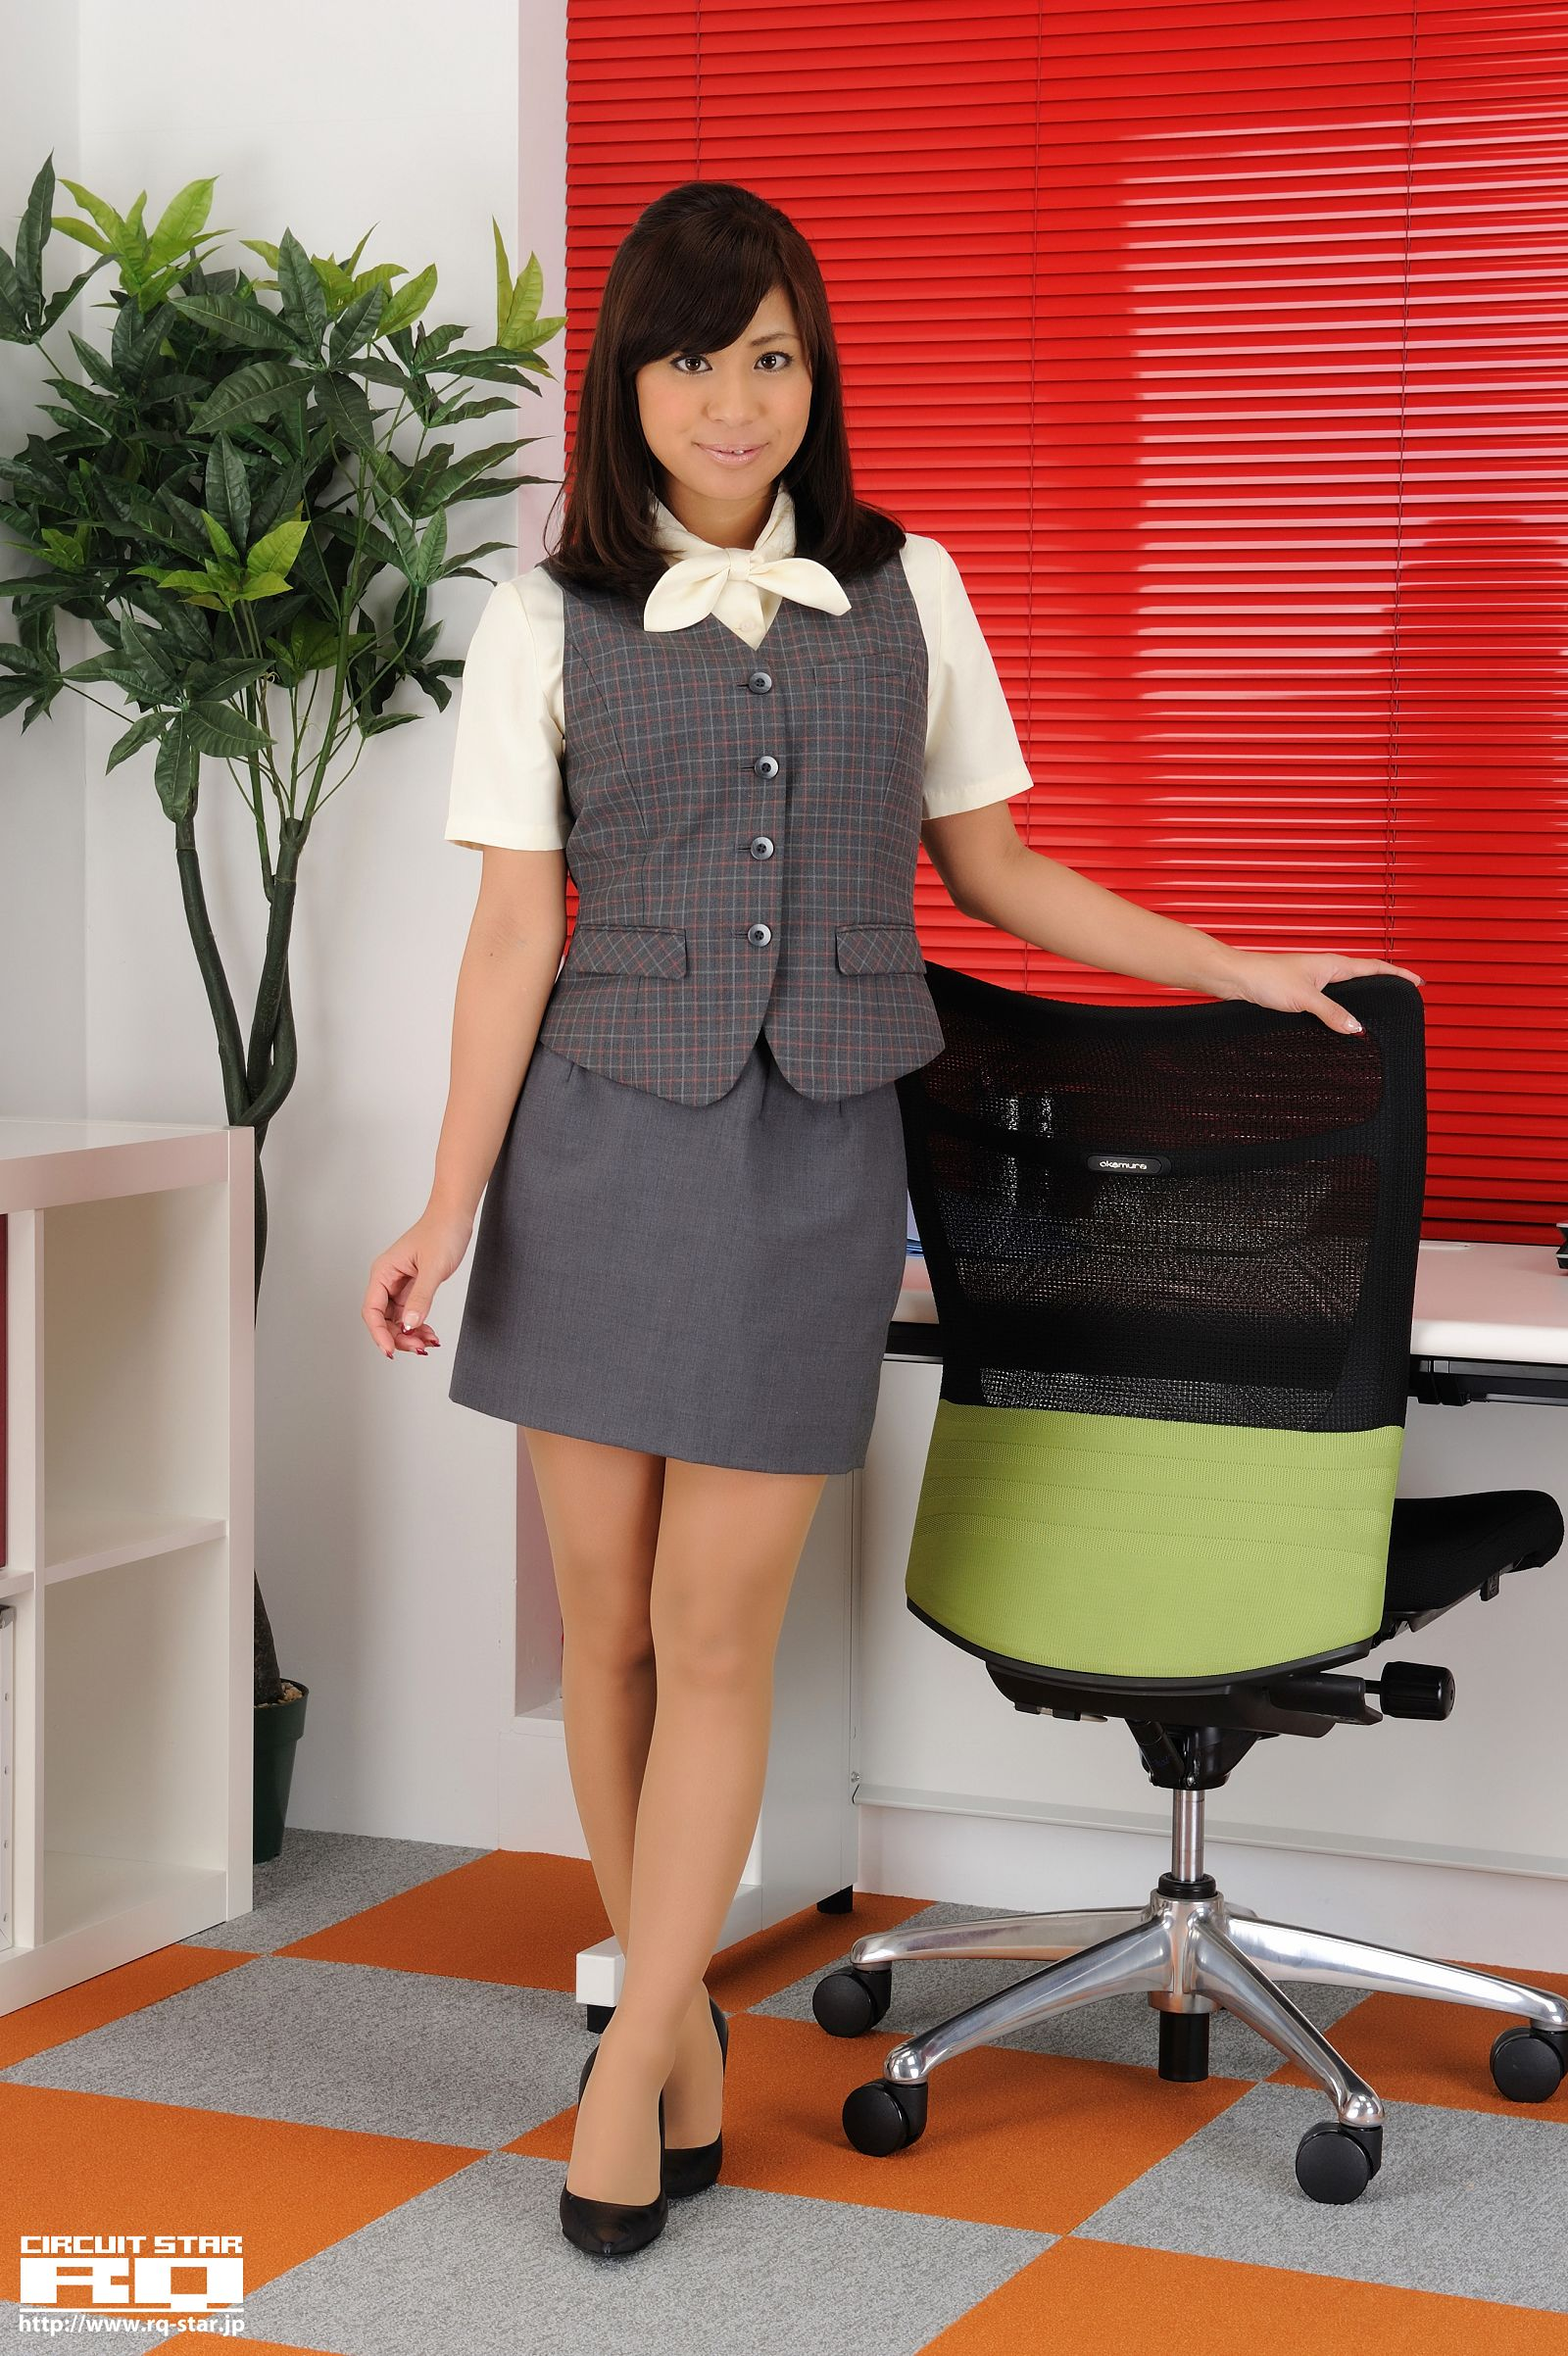 [RQ STAR美女] NO.00460 Maika Sugisaki 杉崎マイカ Office Lady[67P] RQ STAR 第1张